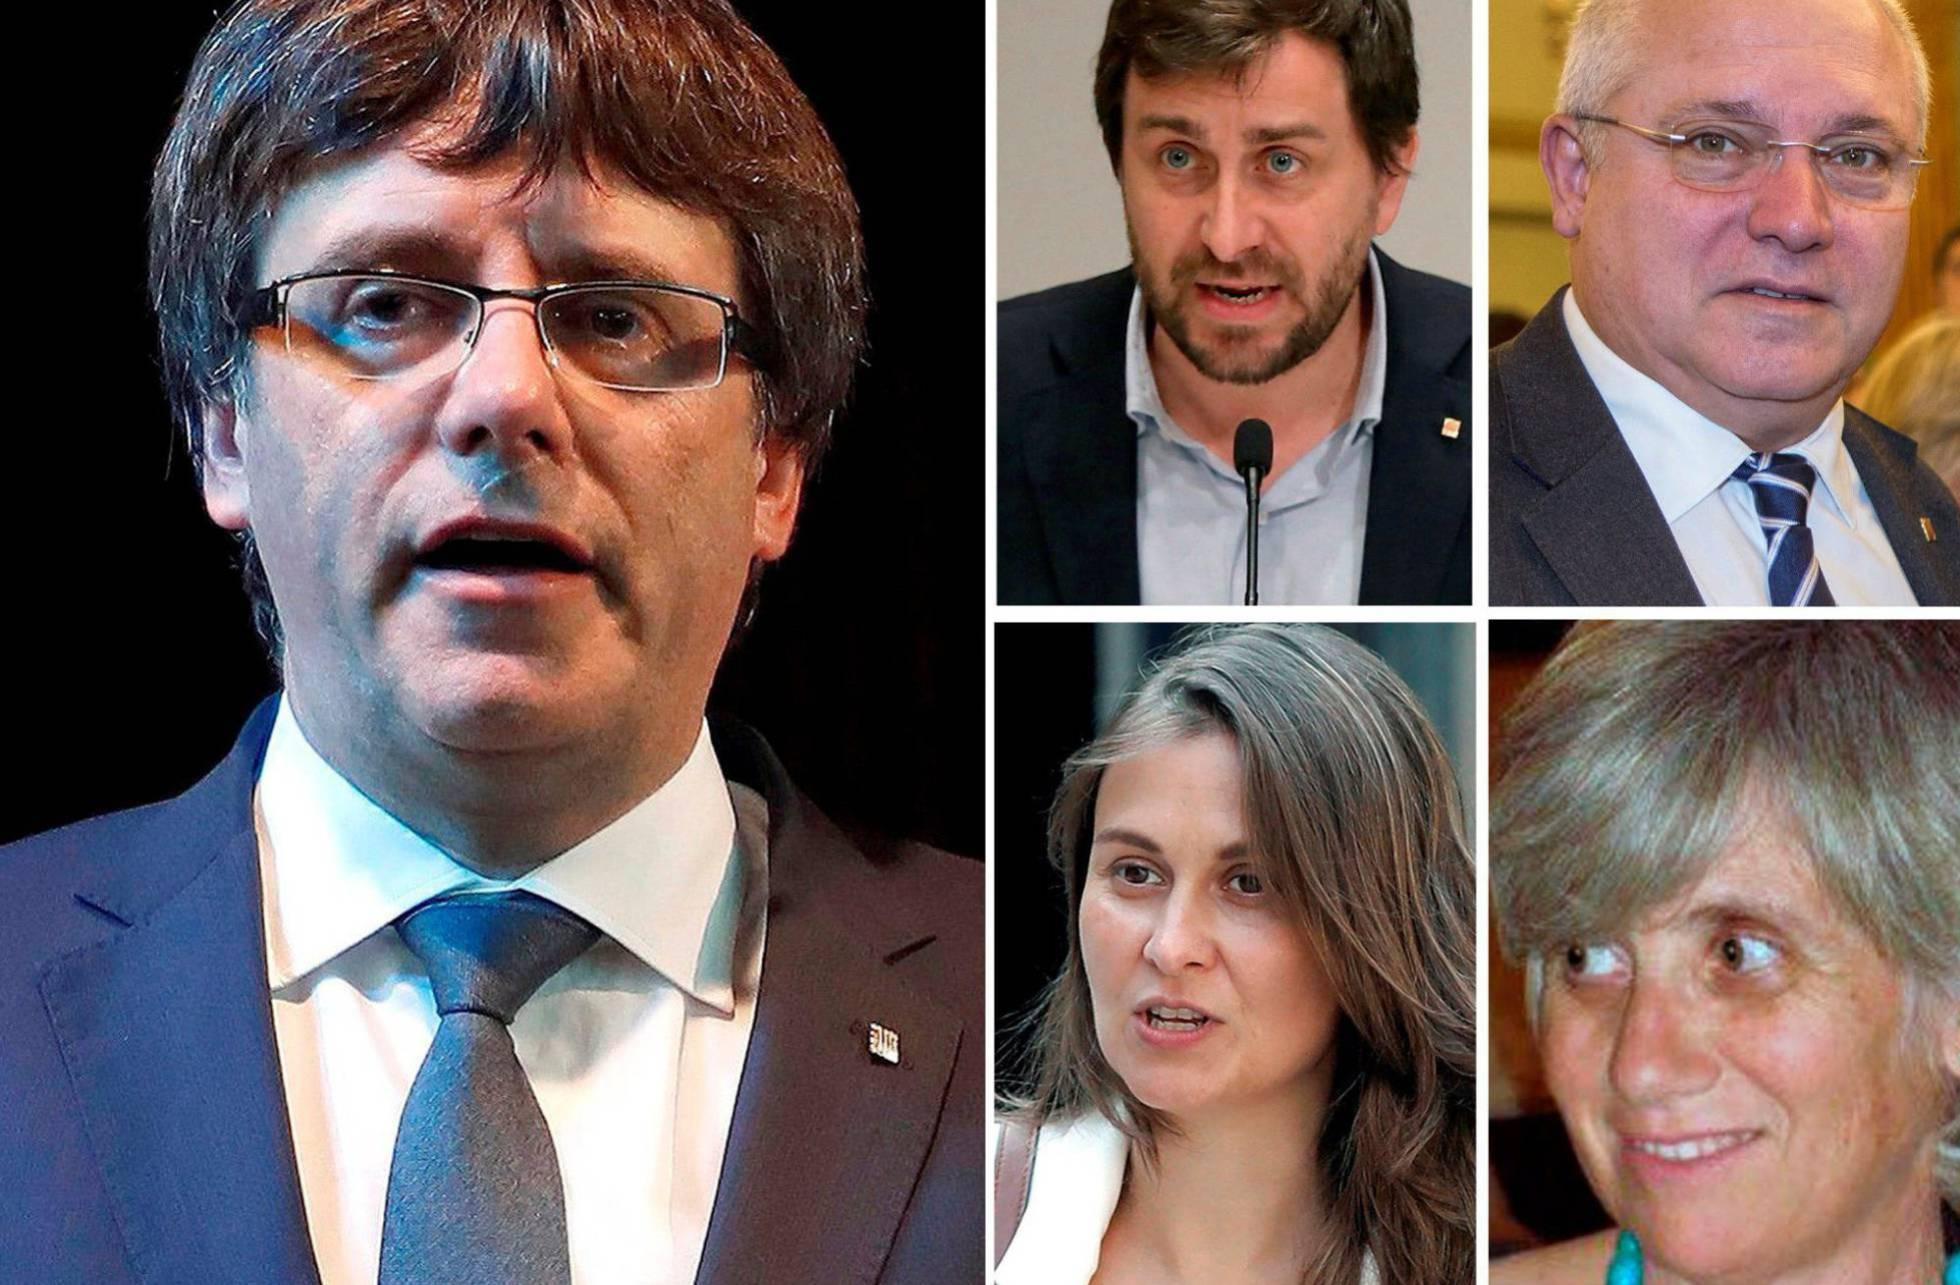 Orden de búsqueda y captura contra Puigdemont y los exconsejeros huidos